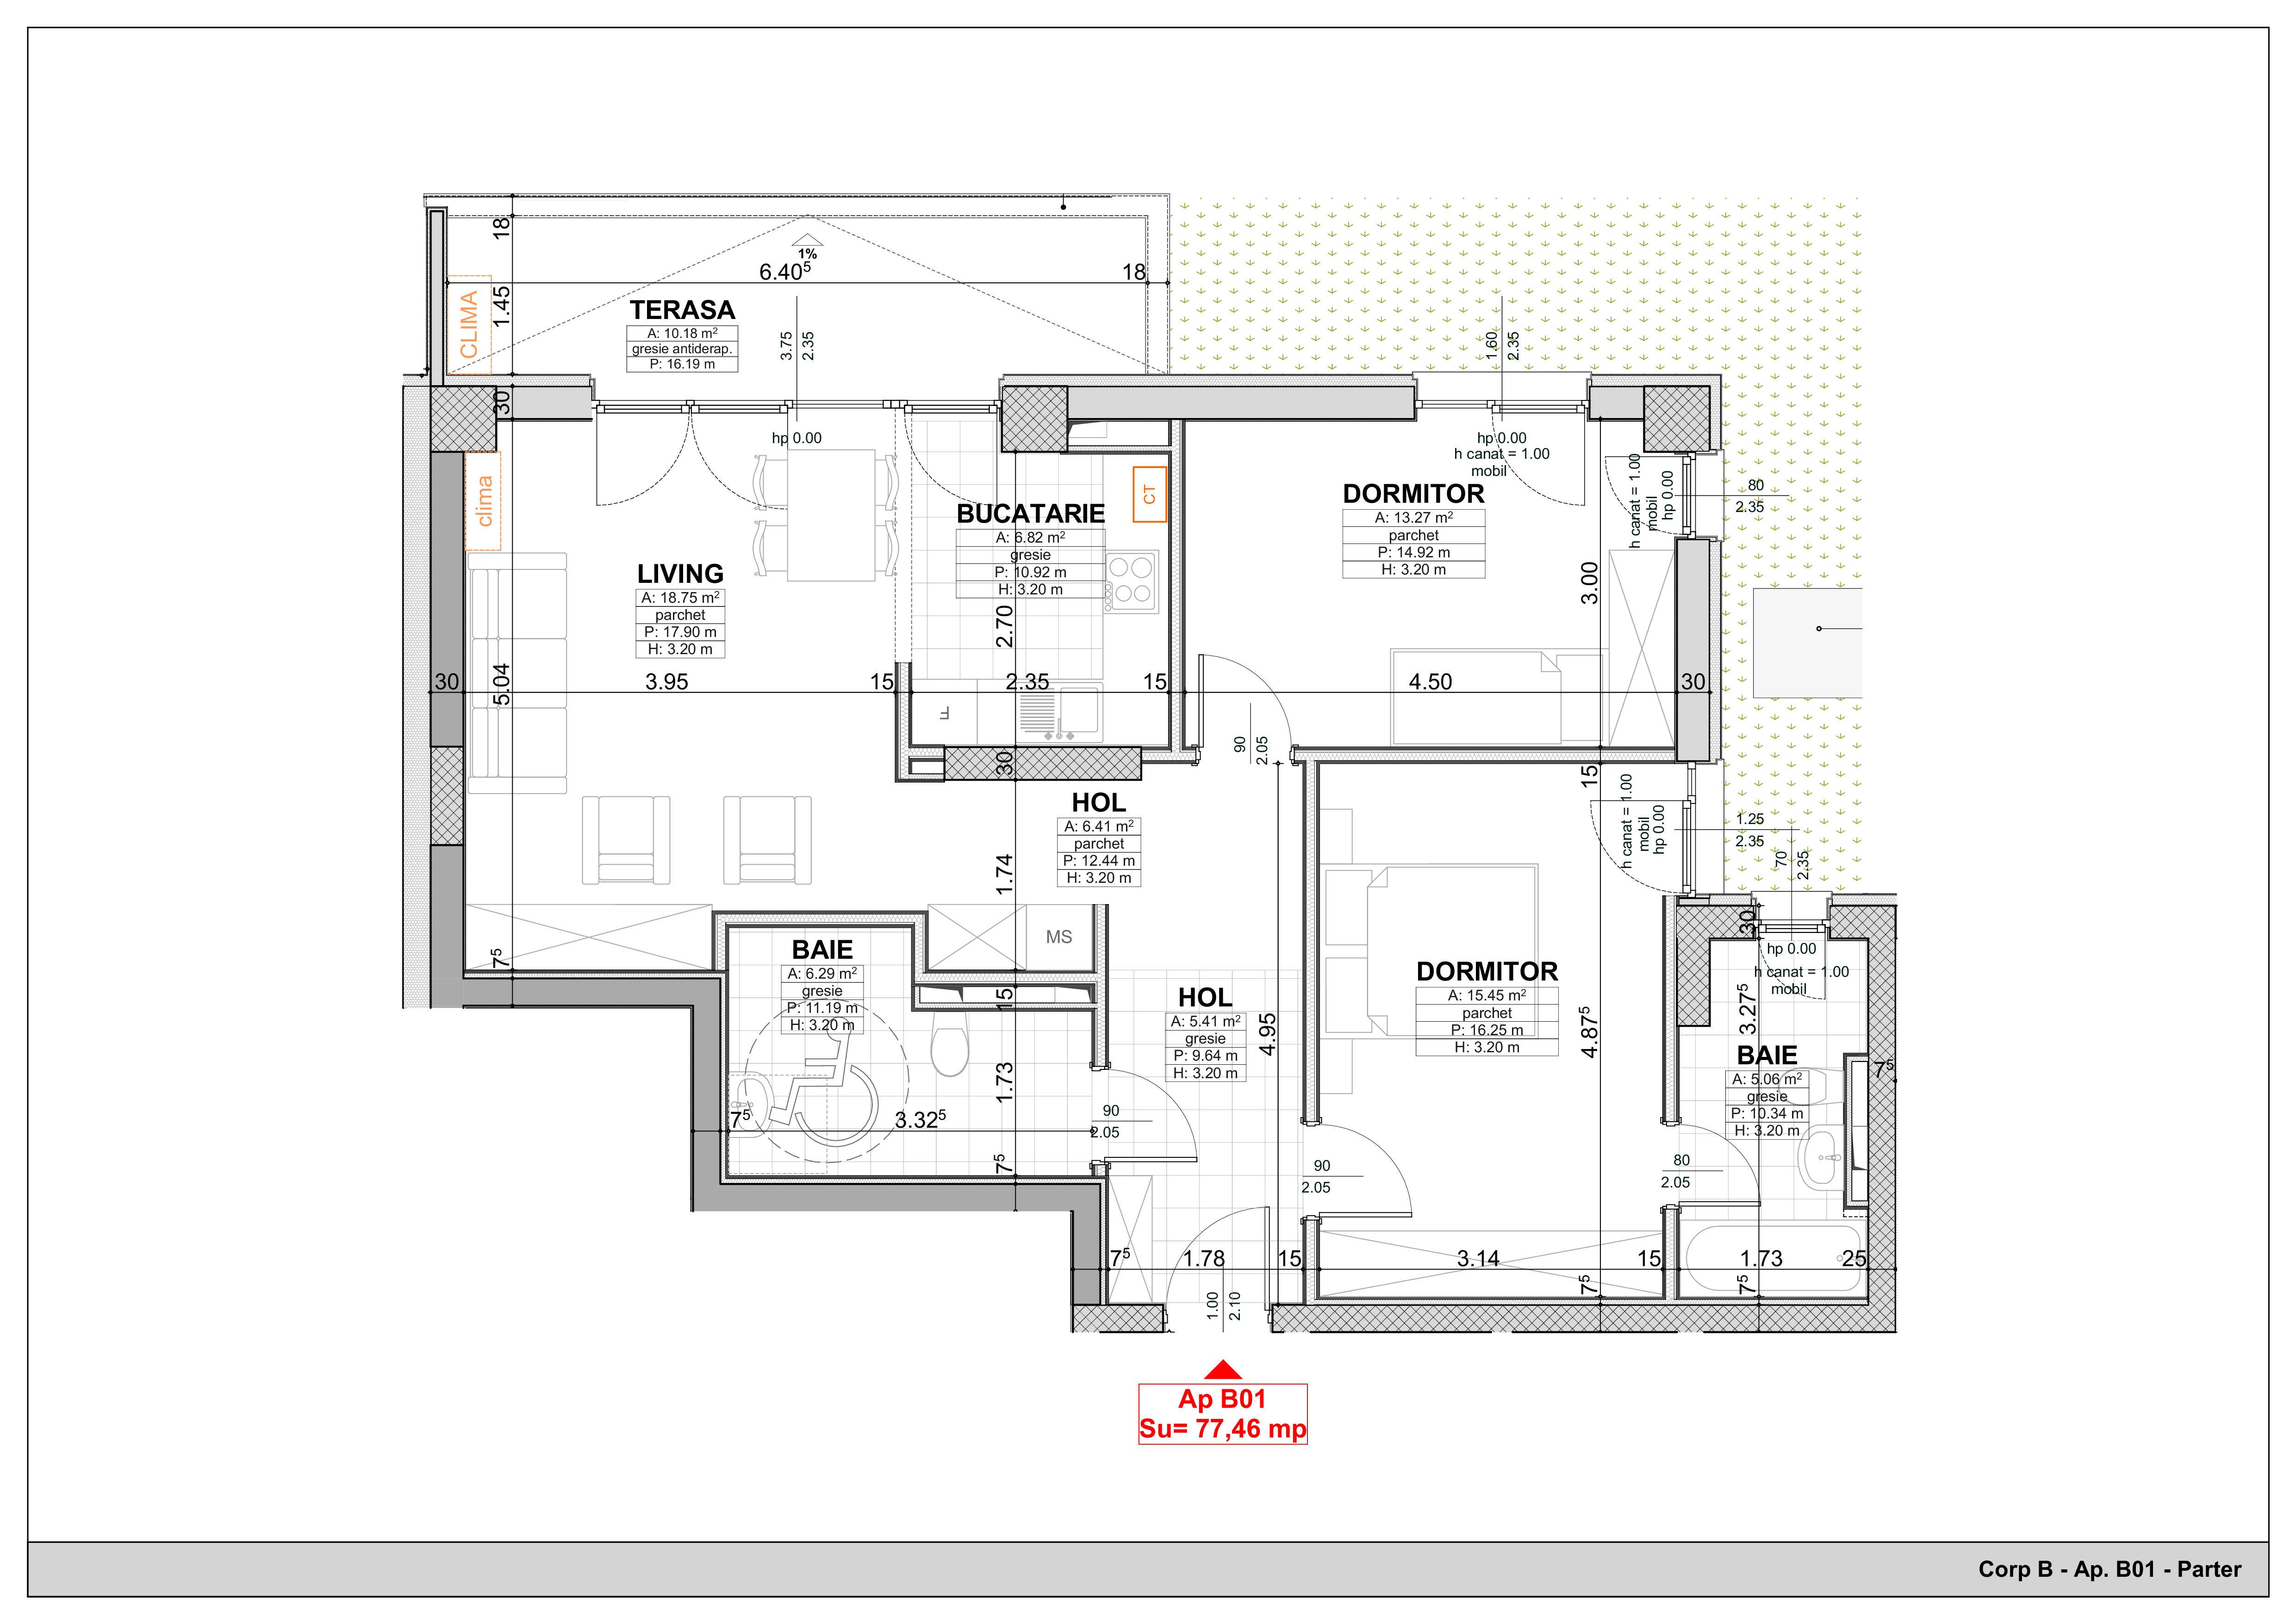 apartamente de vanzare timisoara , apartamente noi de vanzare timisoara, apartament de vanzare timisoara , apartament nou de vanzare timisoara , apartamente la cheie , Sedako ,  , imobiliare Timisoara , apartamente in bloc nou, apartament in bloc nou , Iris 7